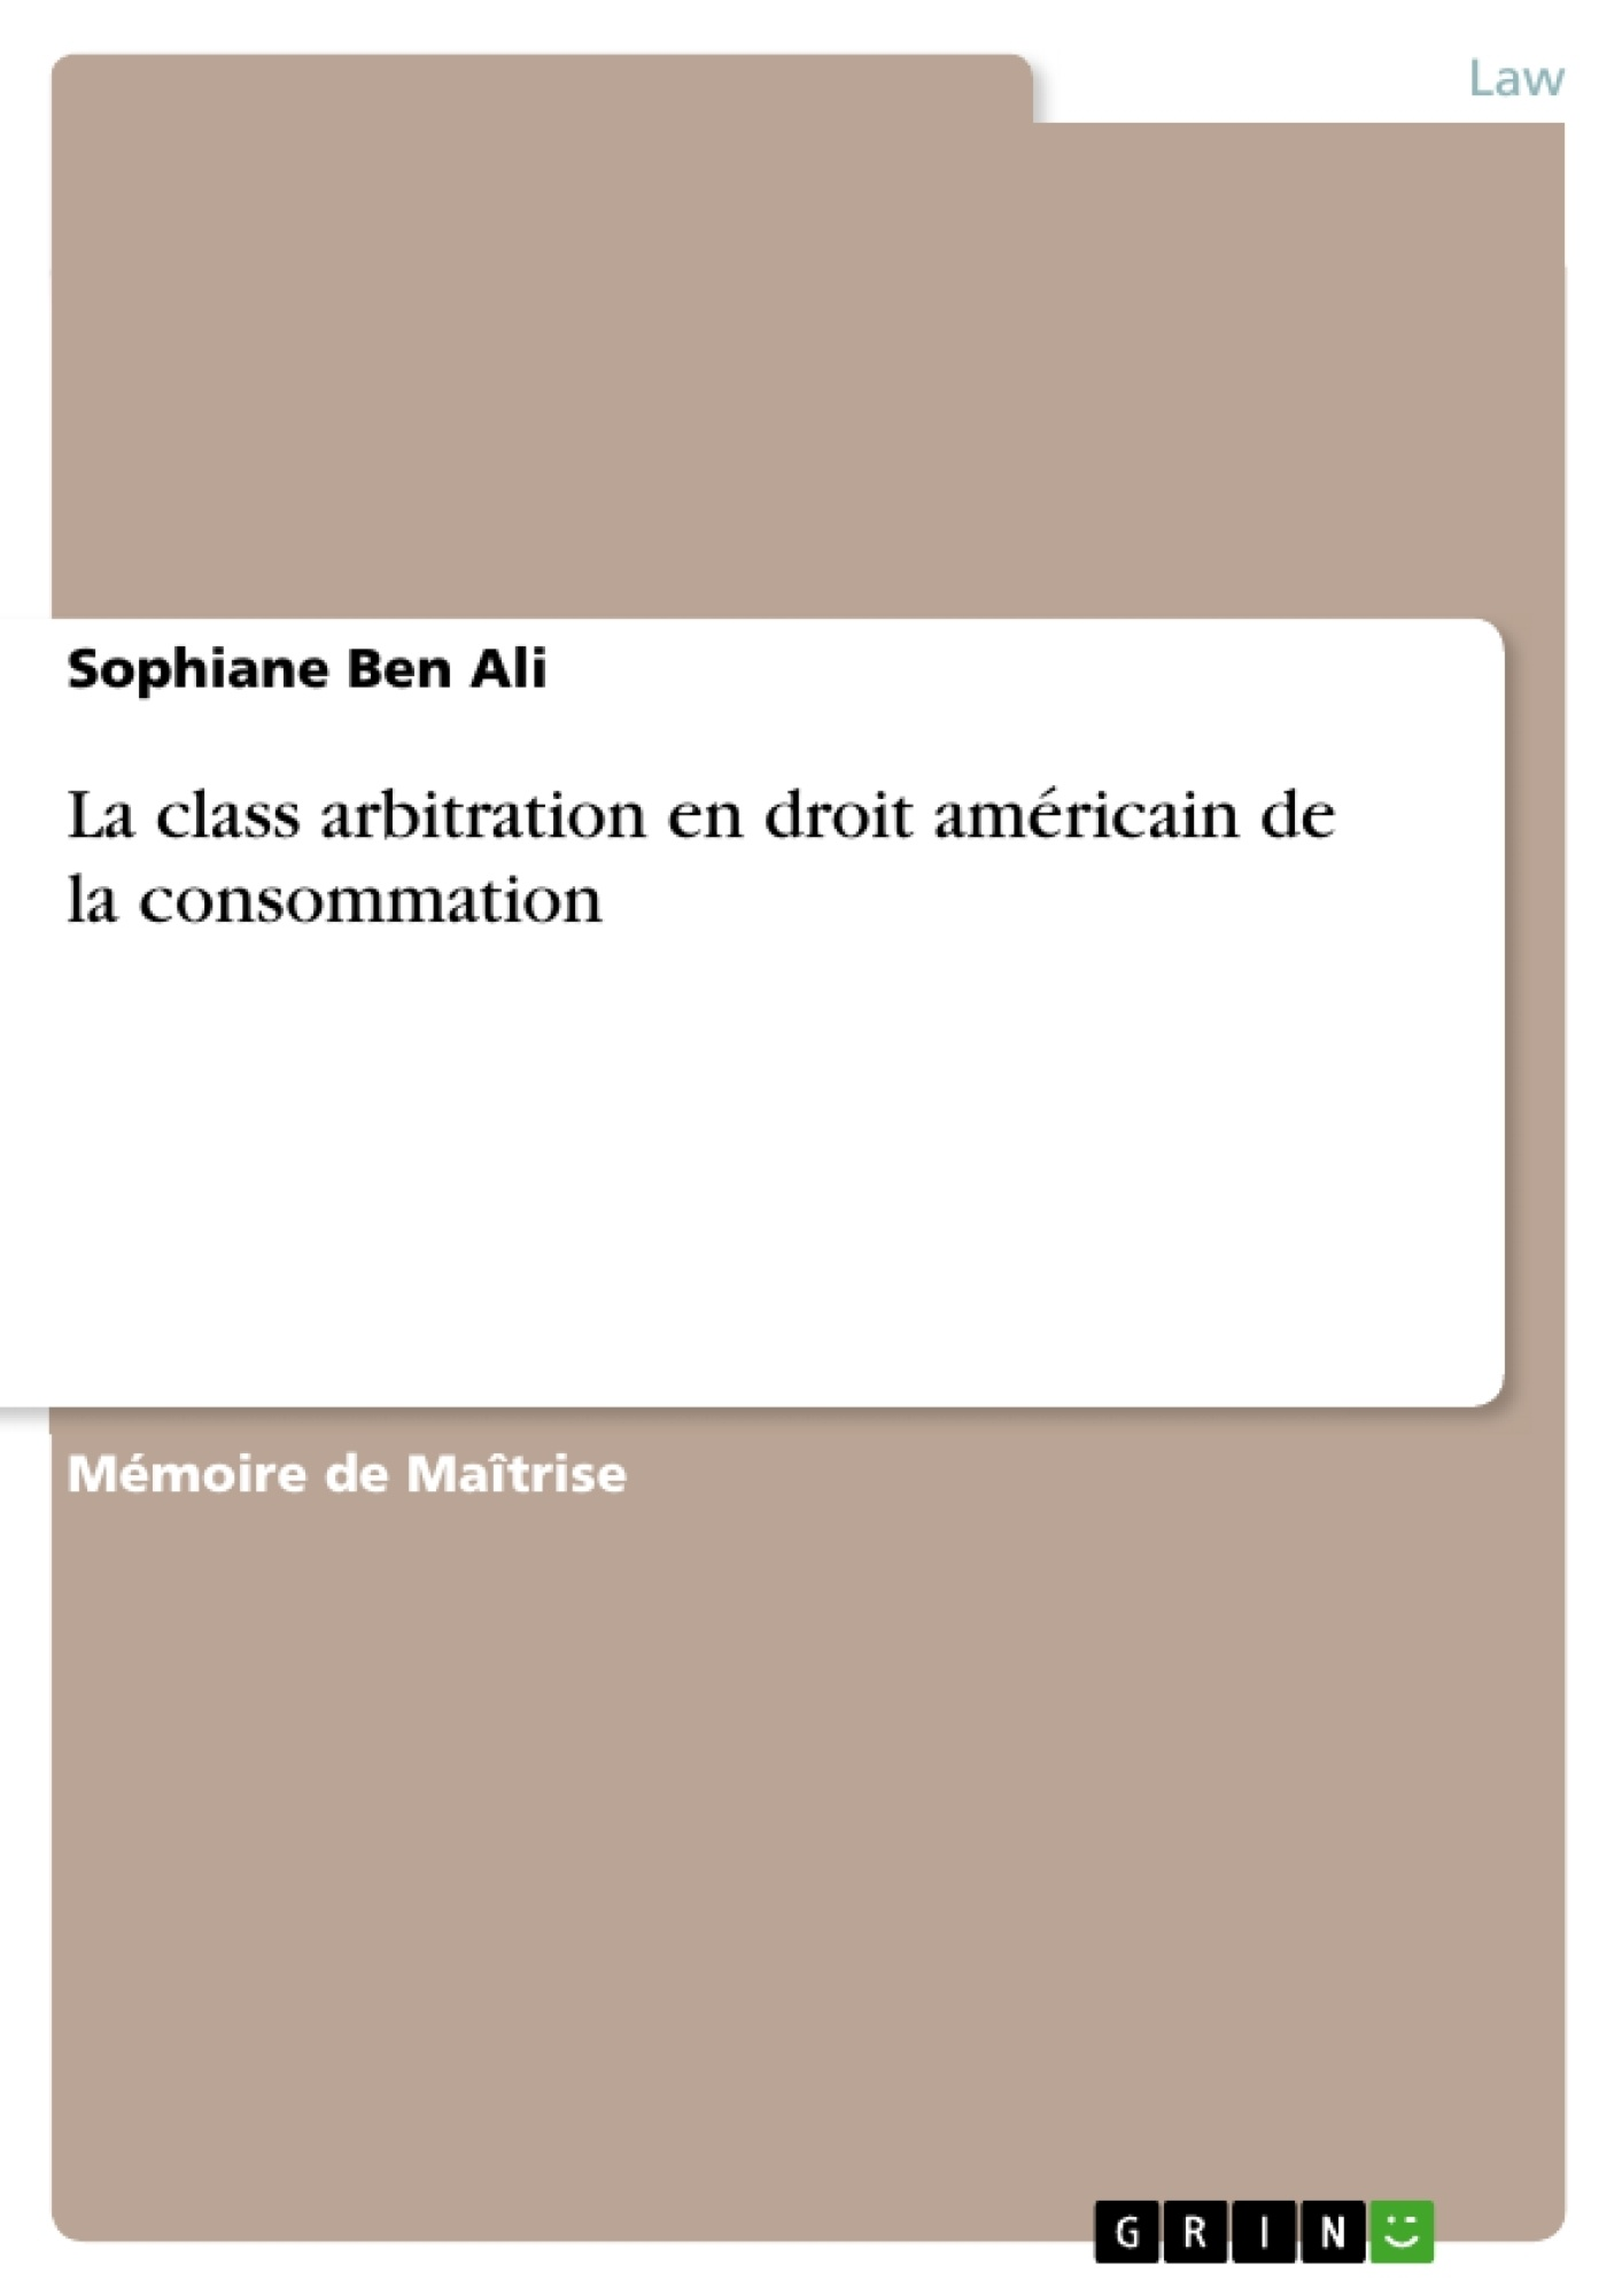 Titre: La class arbitration en droit américain de la consommation